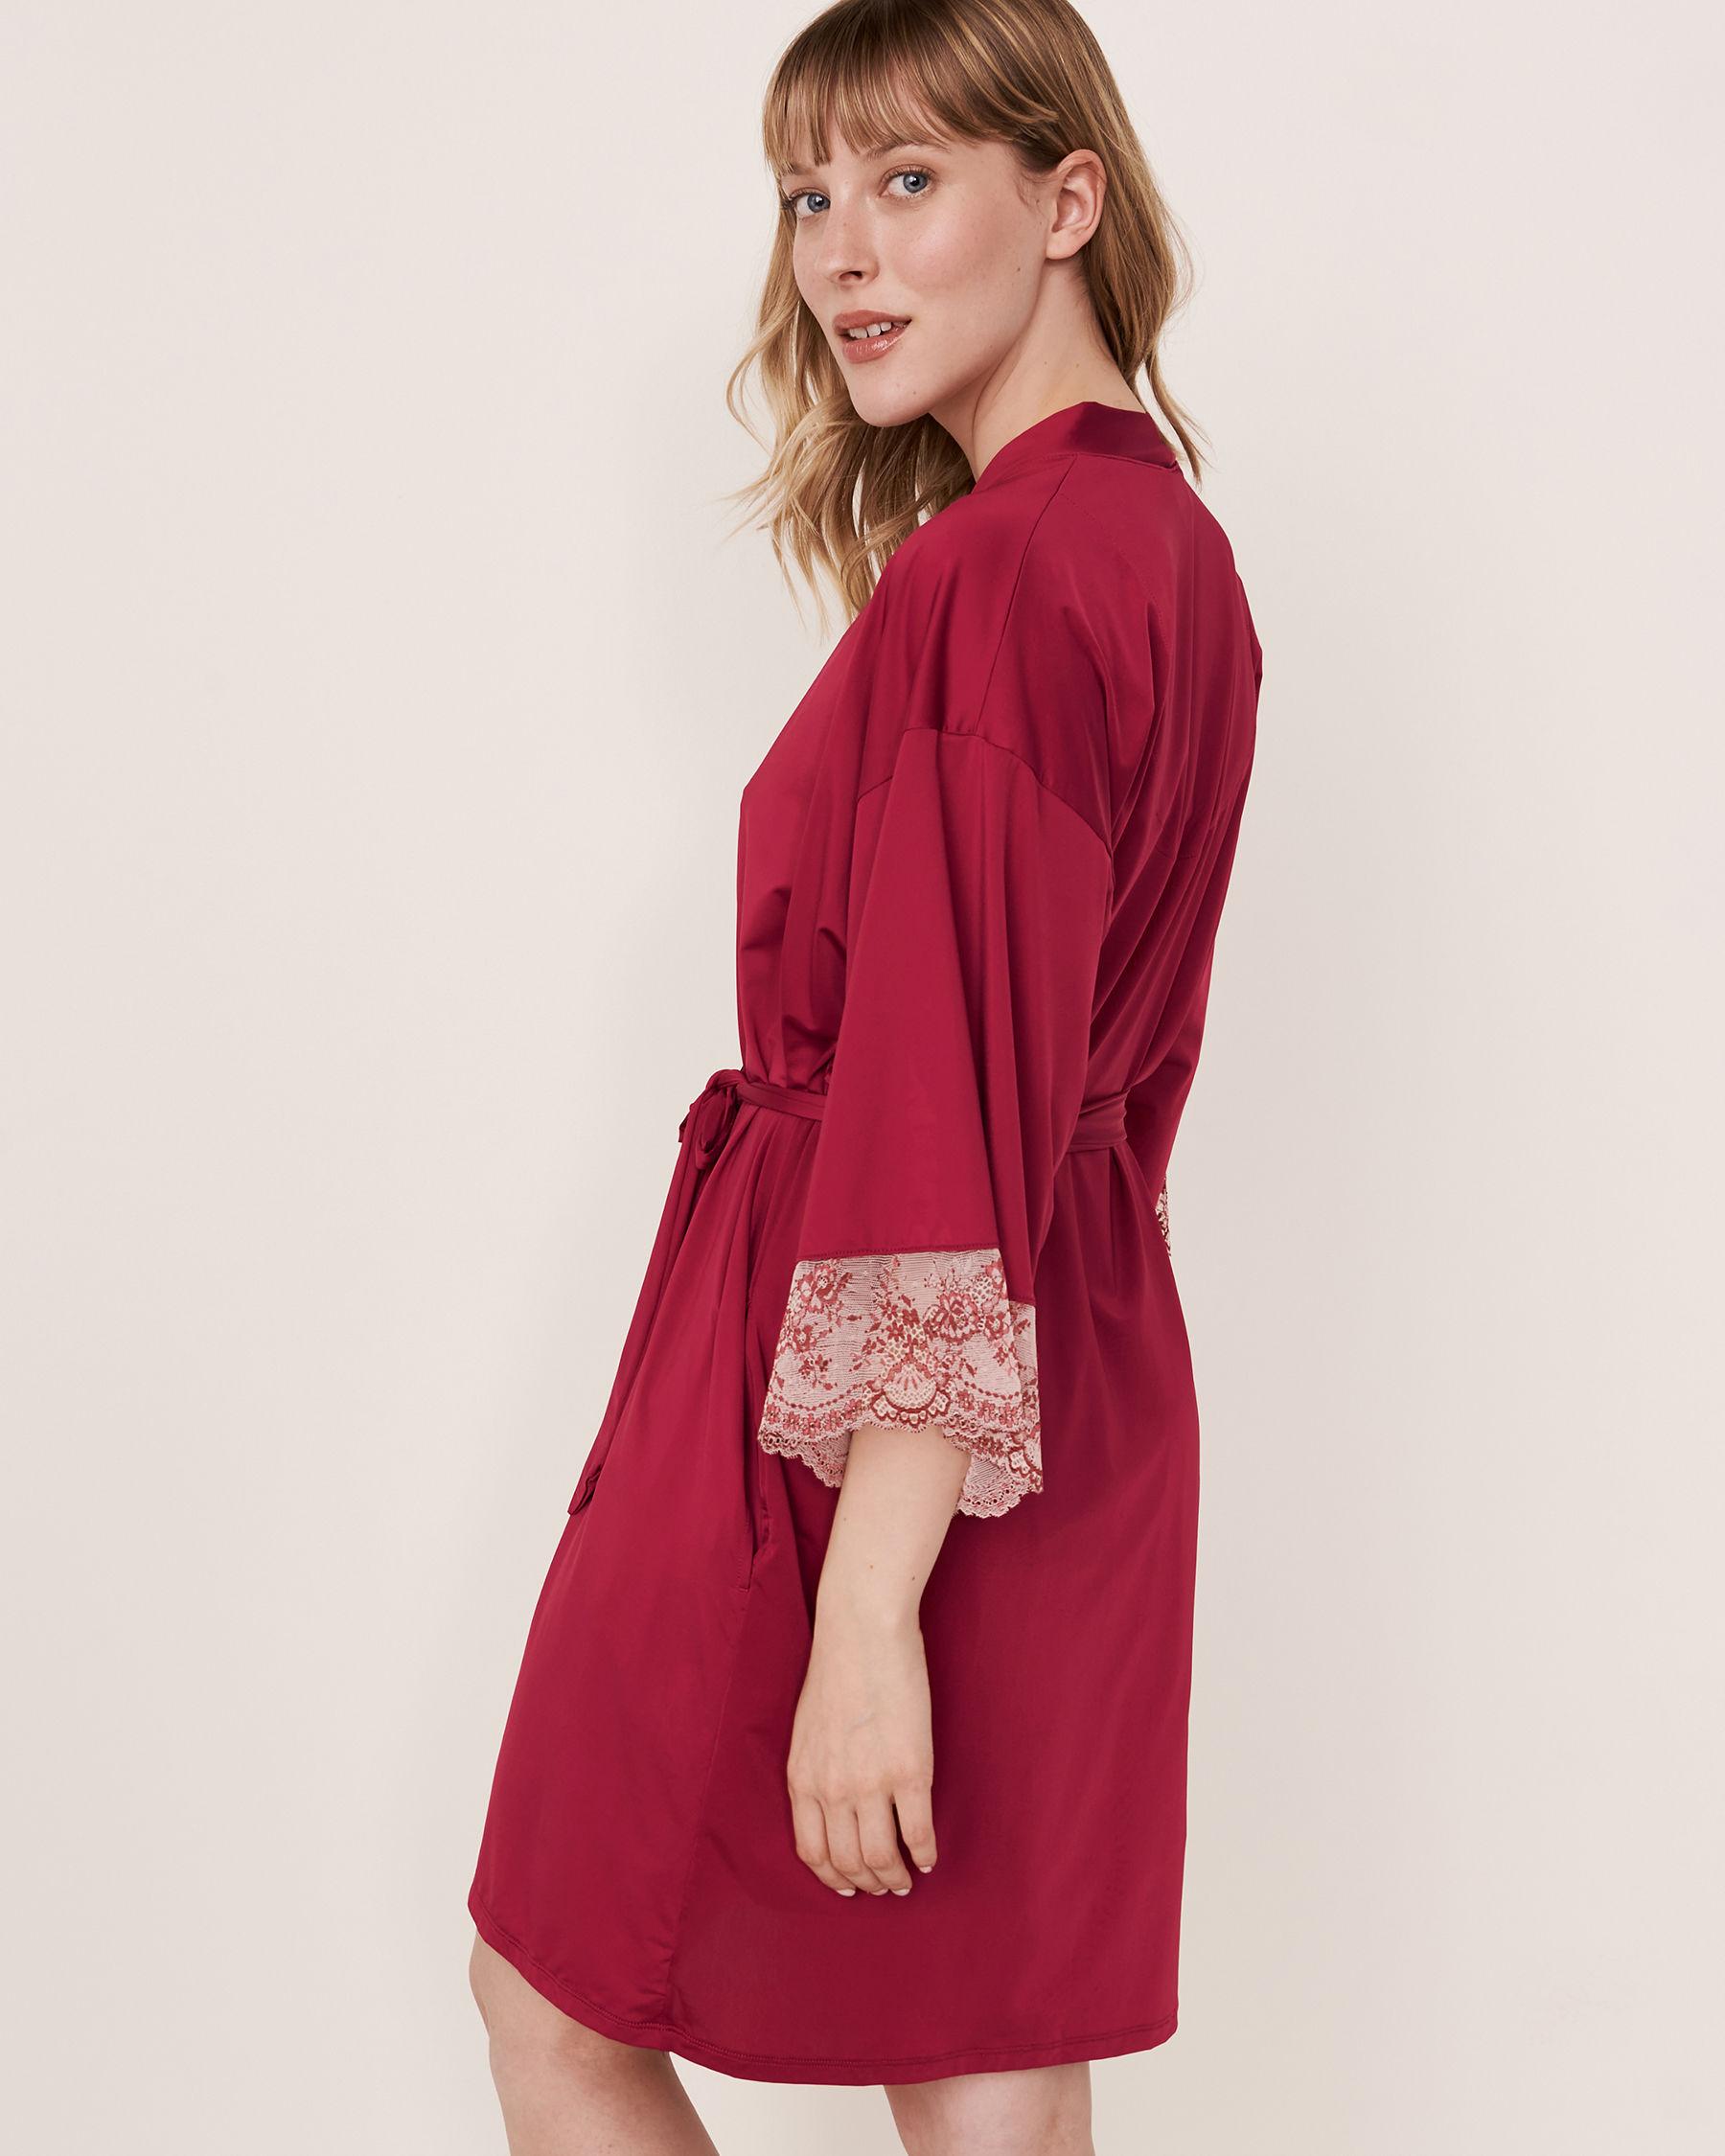 LA VIE EN ROSE Kimono garniture de dentelle Betterave 60600005 - Voir3